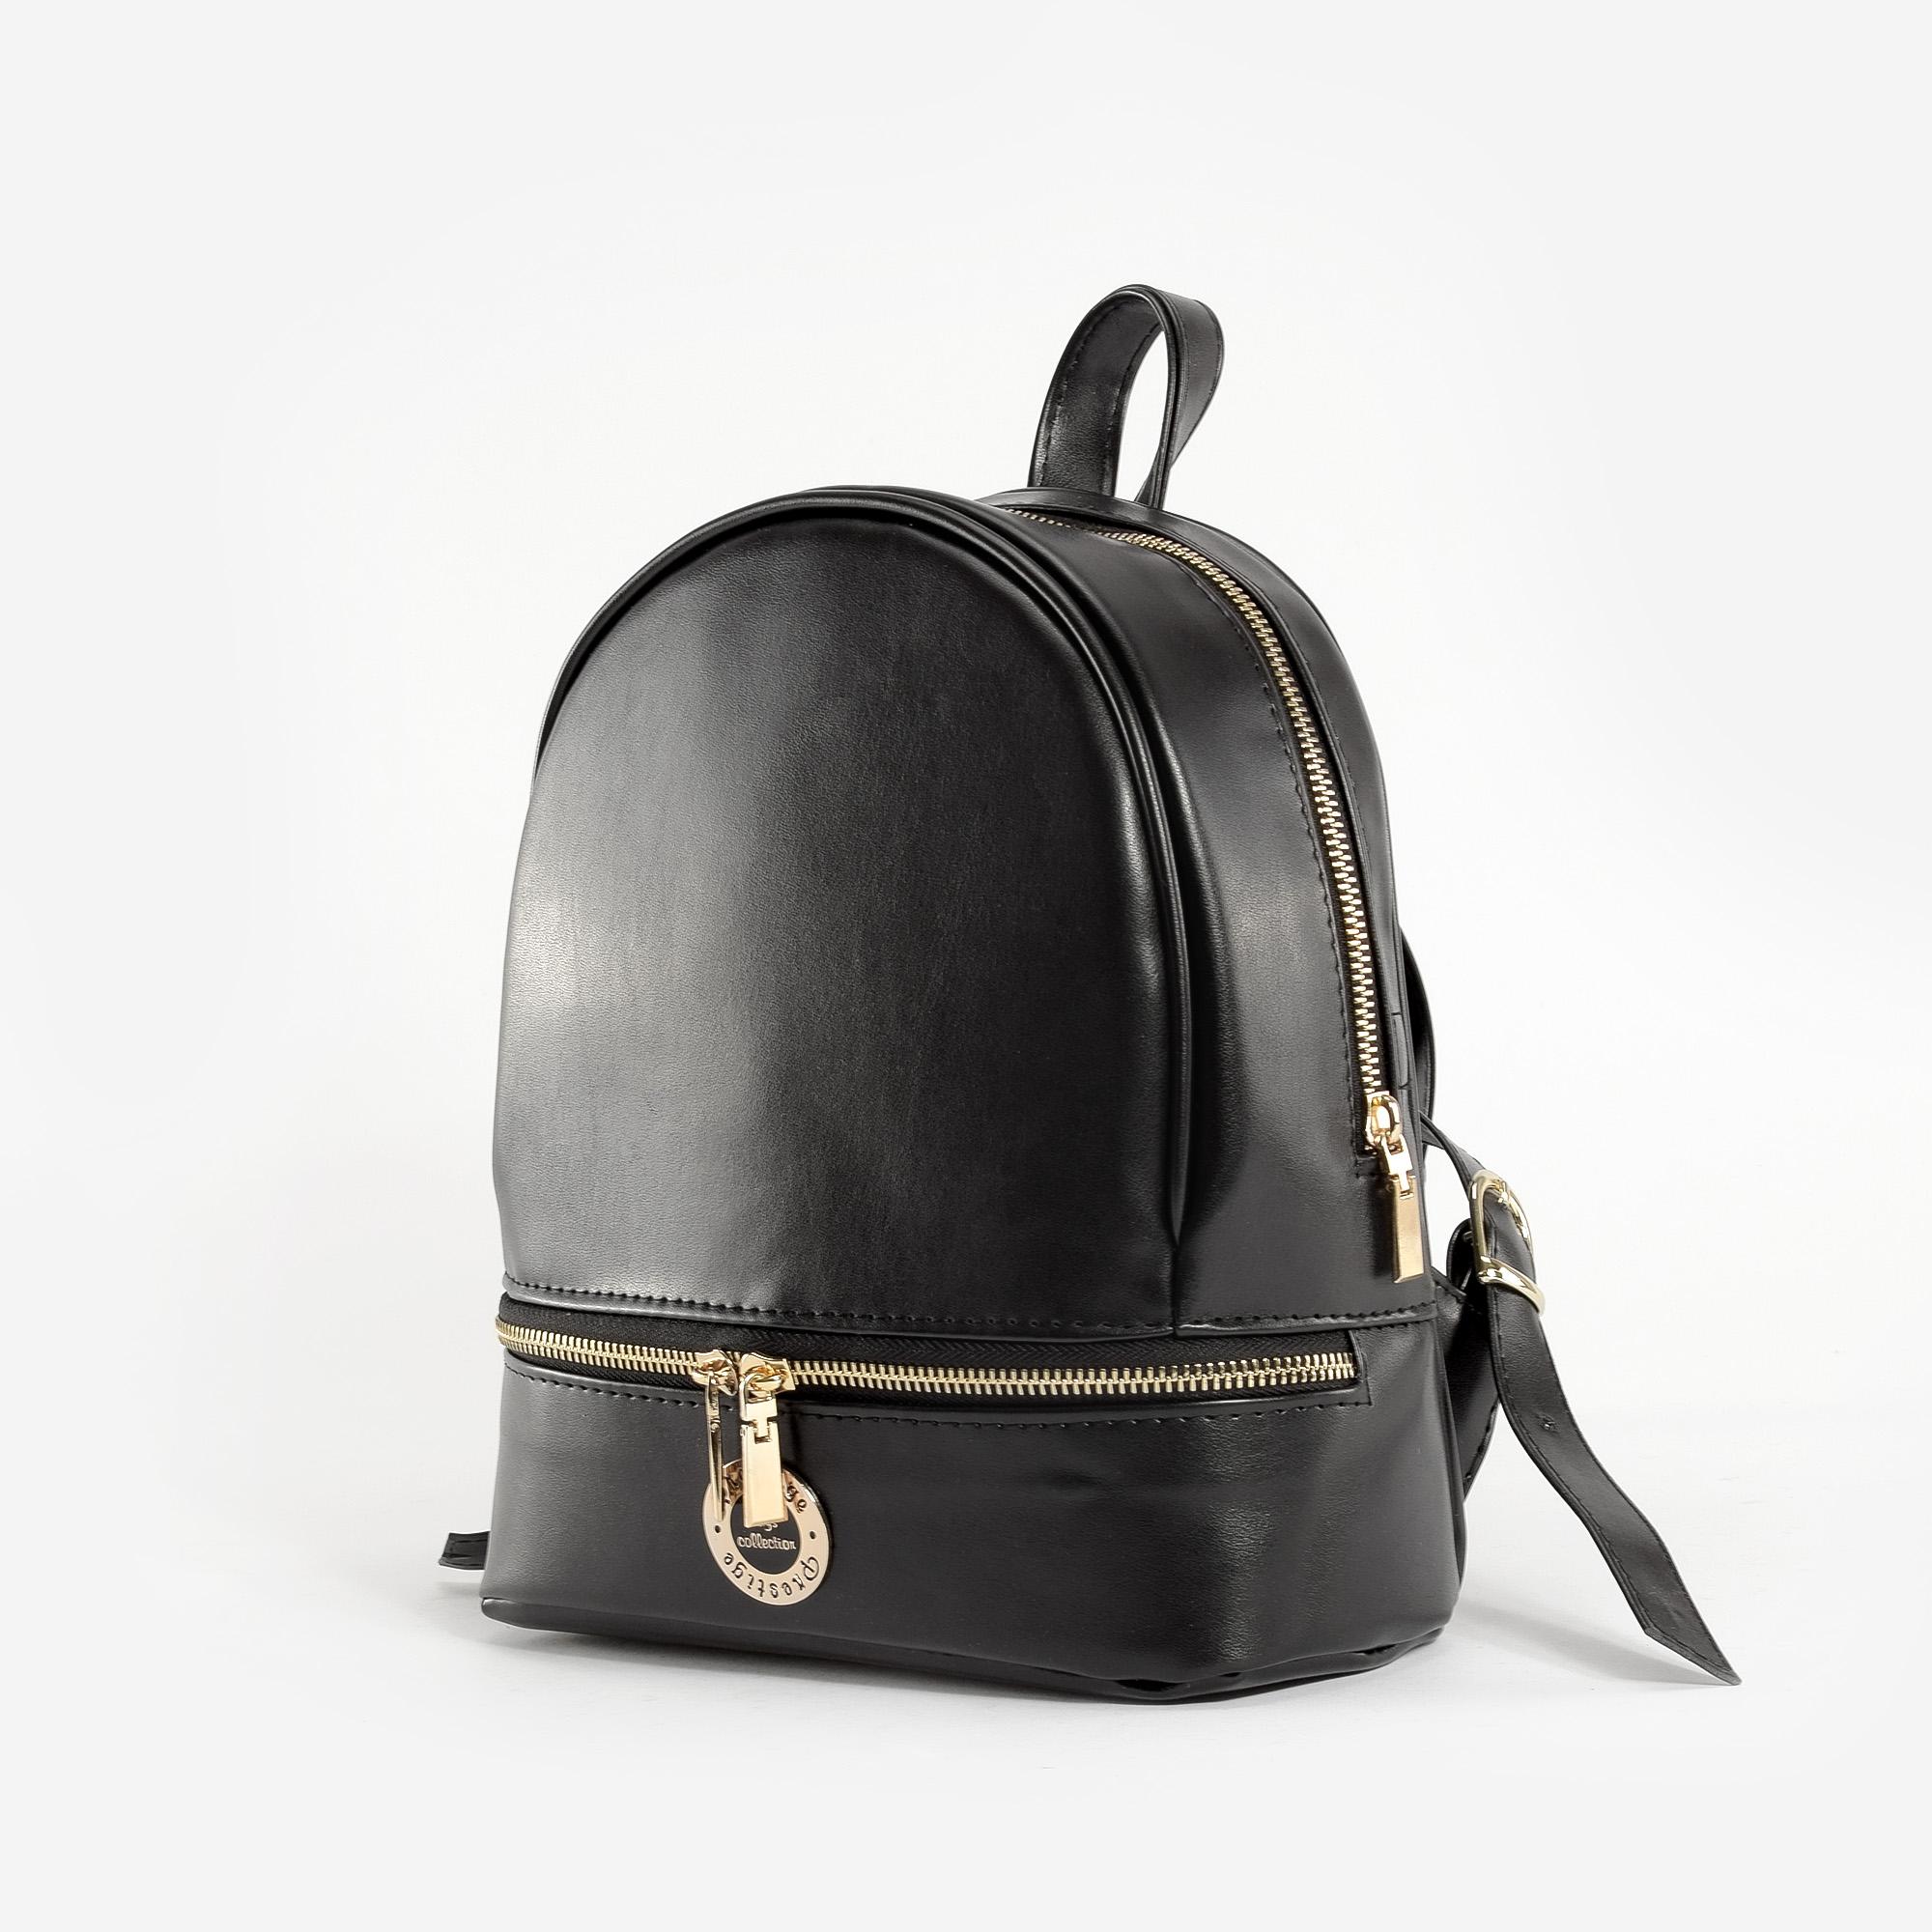 d9a28c8e44 Prestige Fekete Női Rostbőr Hátizsák - Prestige - Táska webáruház -  Minőségi táskák mindenkinek